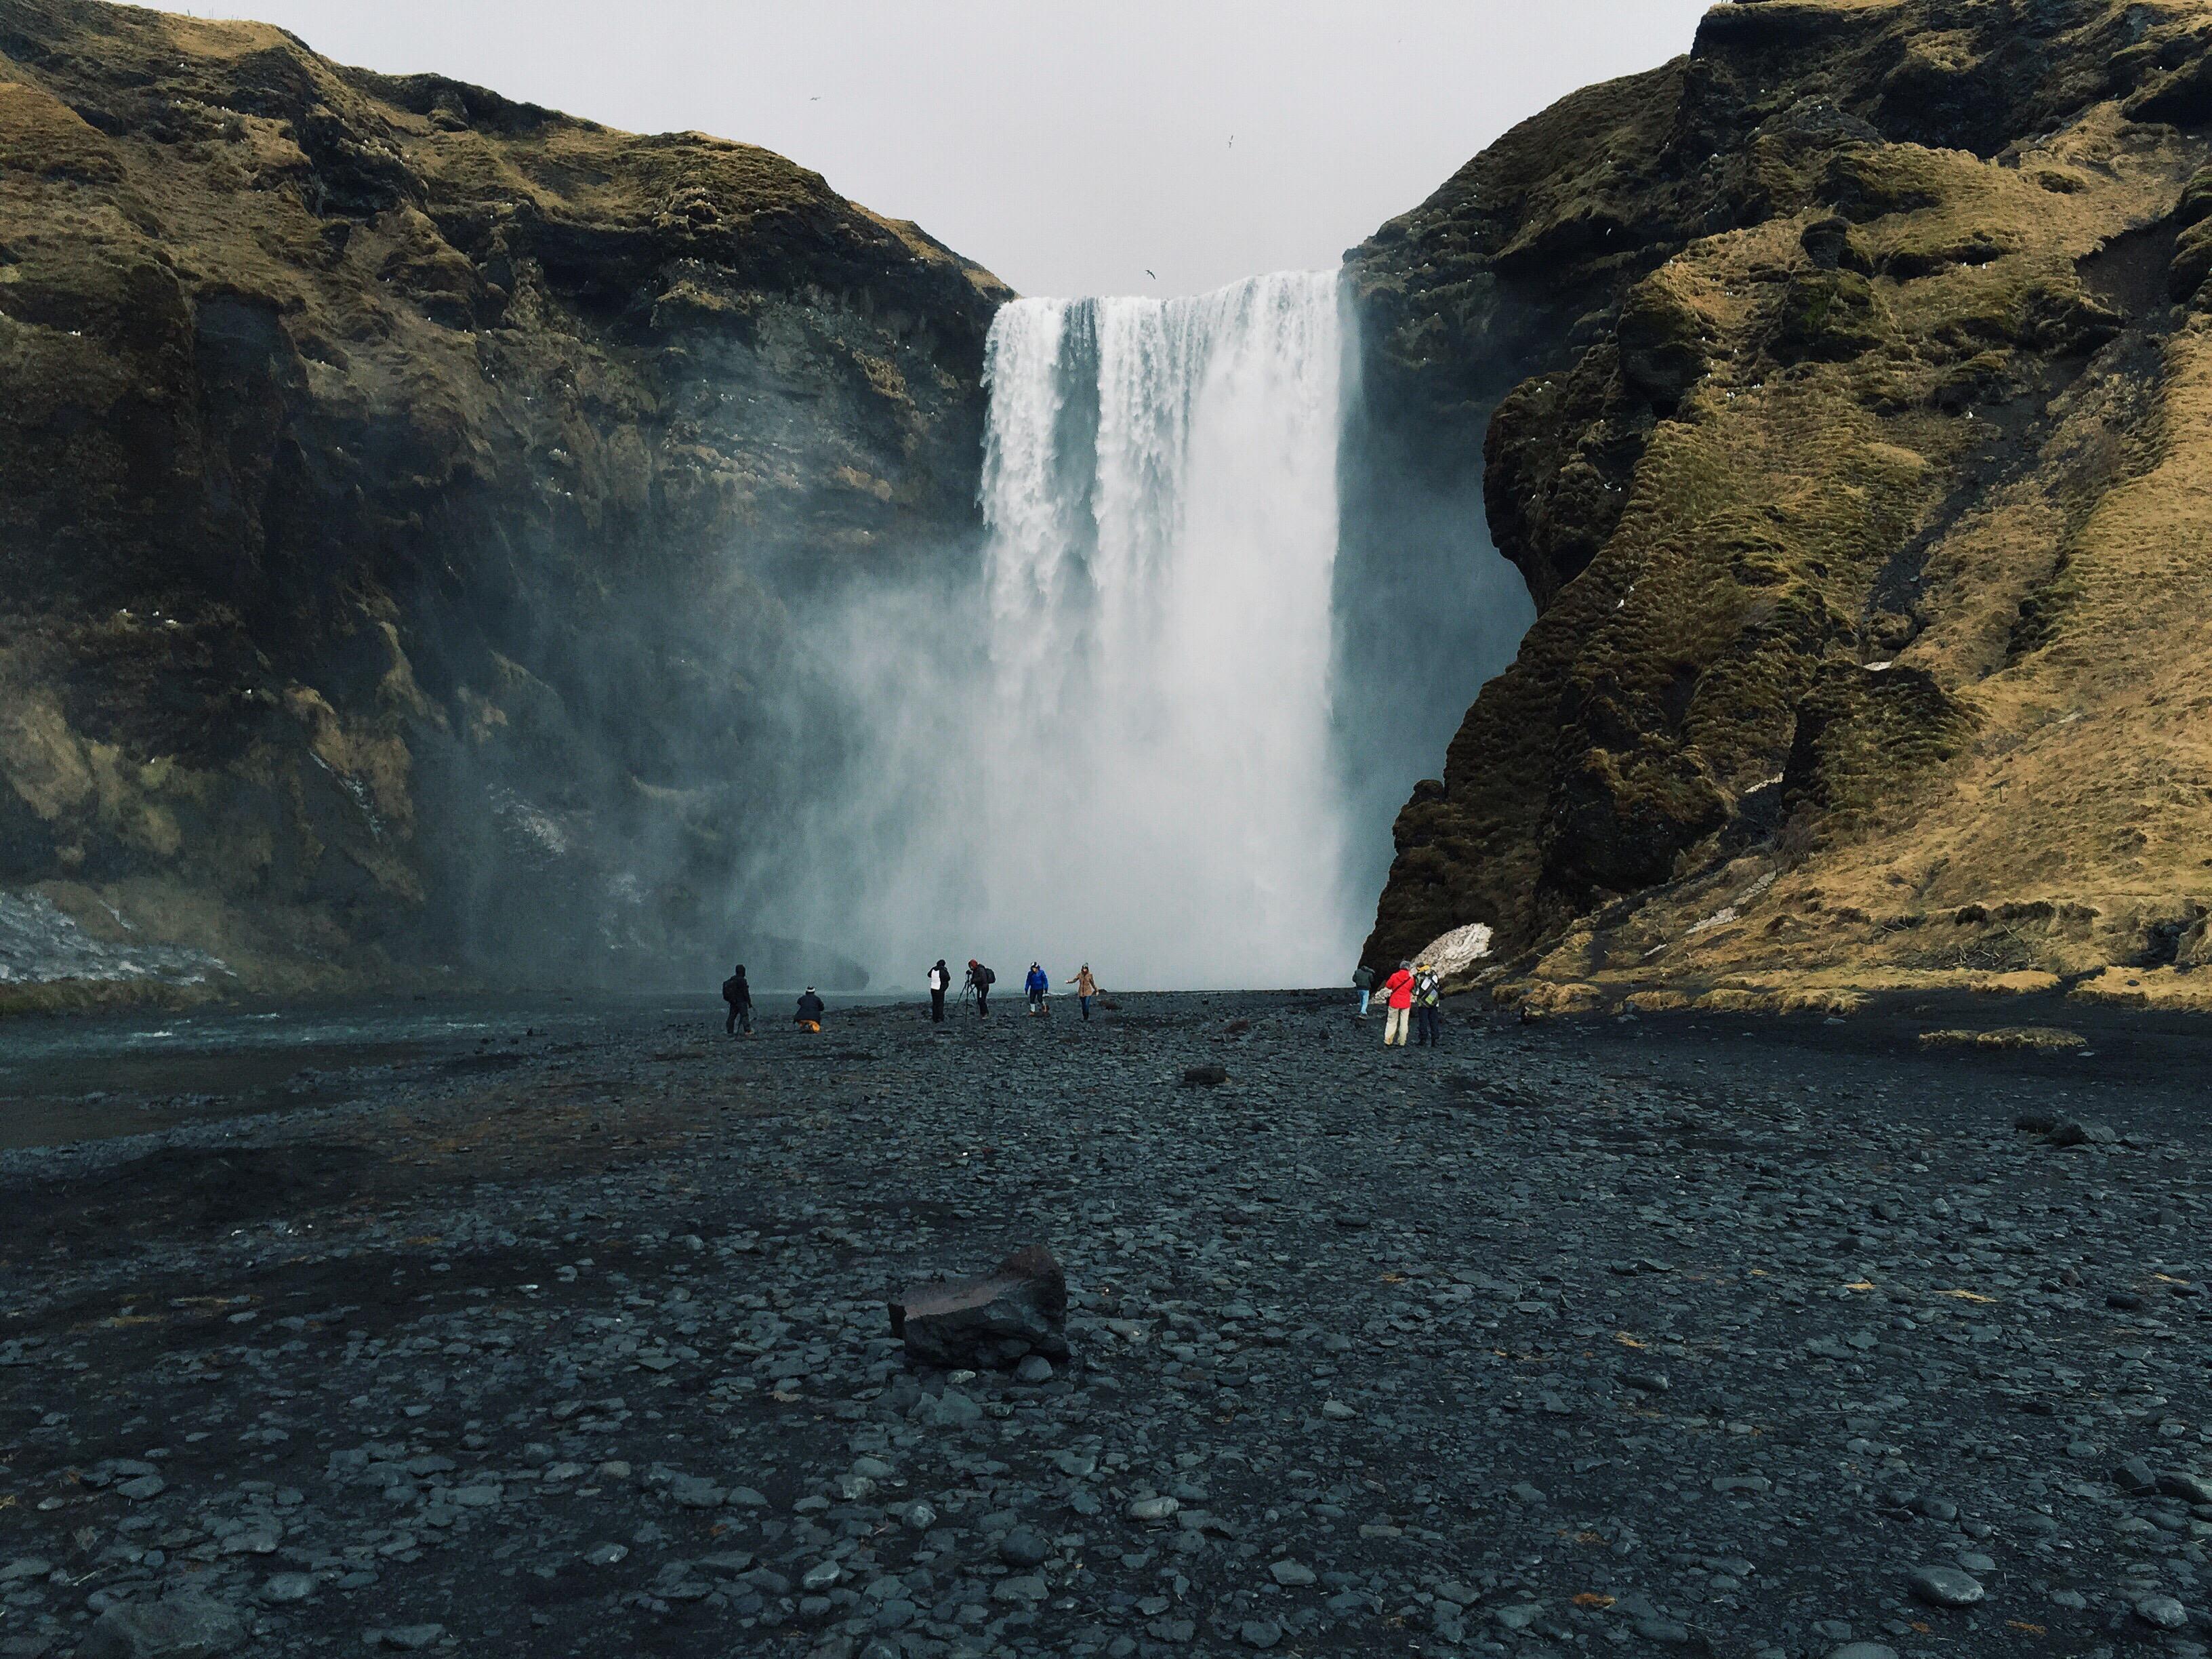 De indrukwekkende waterval Skógafoss is een van de populairste natuurlijke bezienswaardigheden van IJsland.